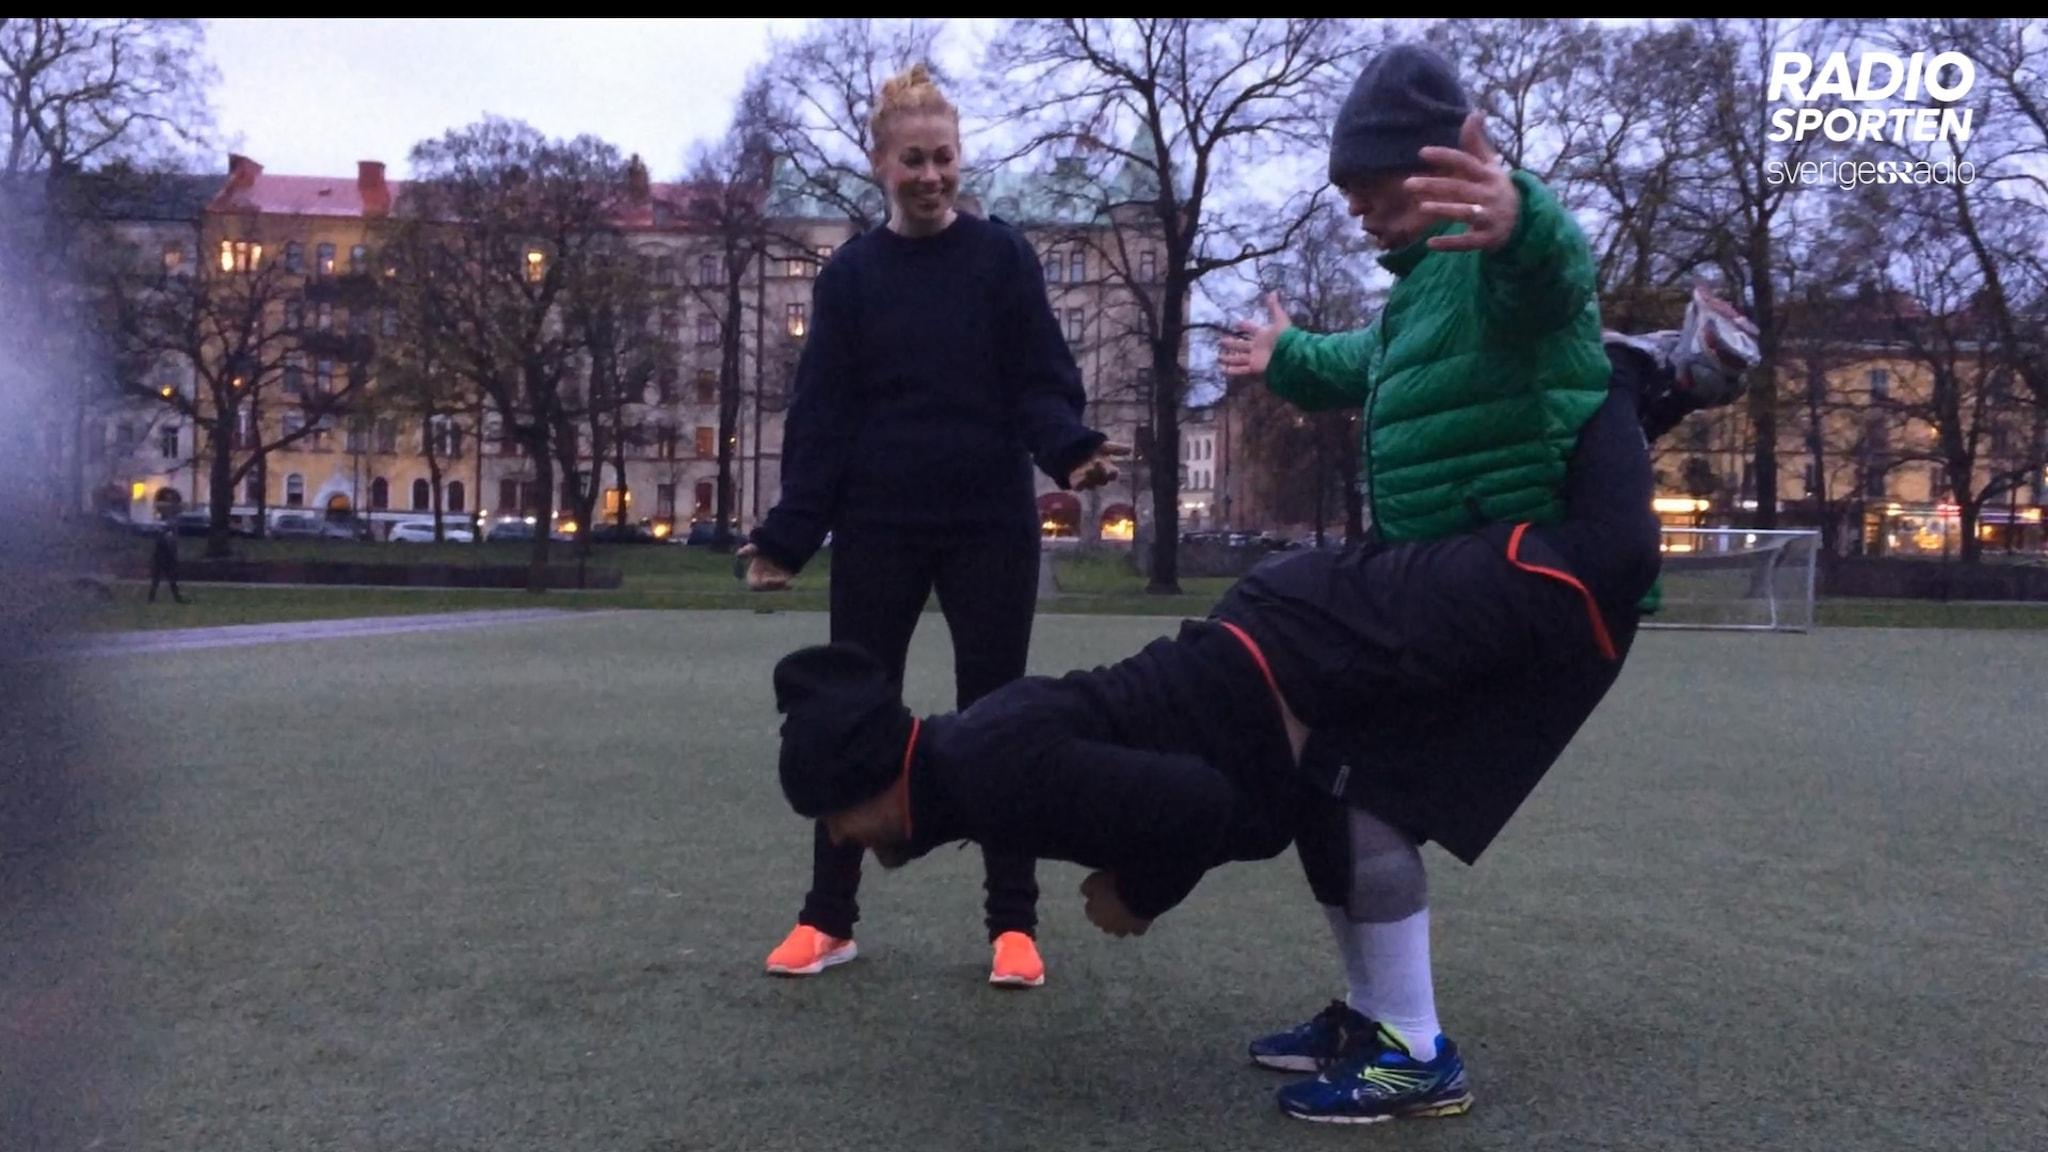 Martin Marhlo och Lasse Persson fick slita hårt när de testade ruffie.